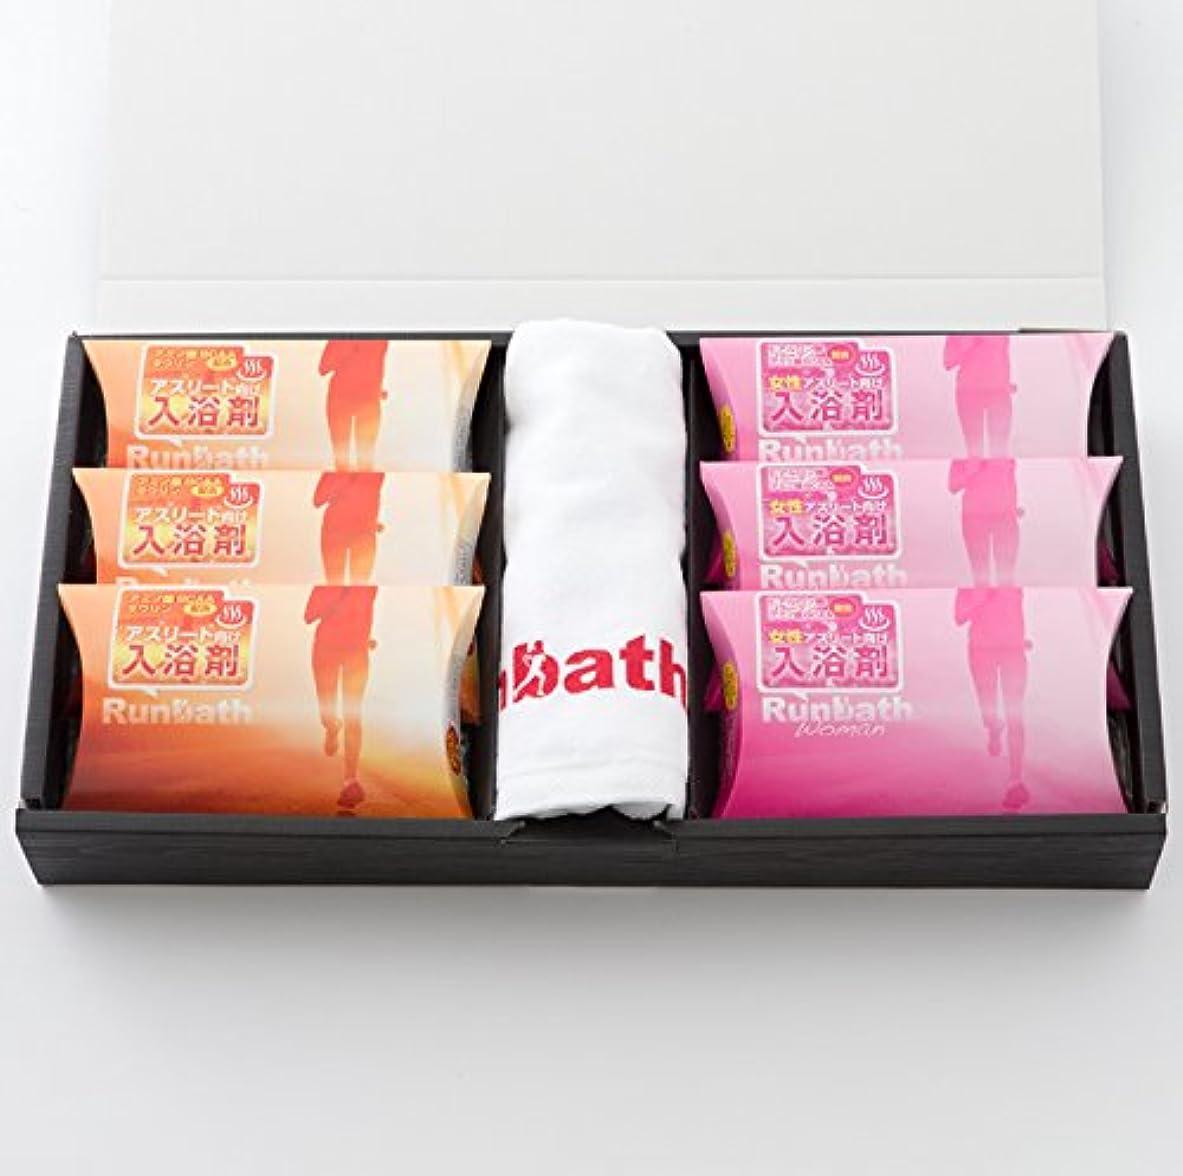 プット靴下実験をするRunbathランバス×ランバスウーマン 詰め合わせ 入浴剤ギフト